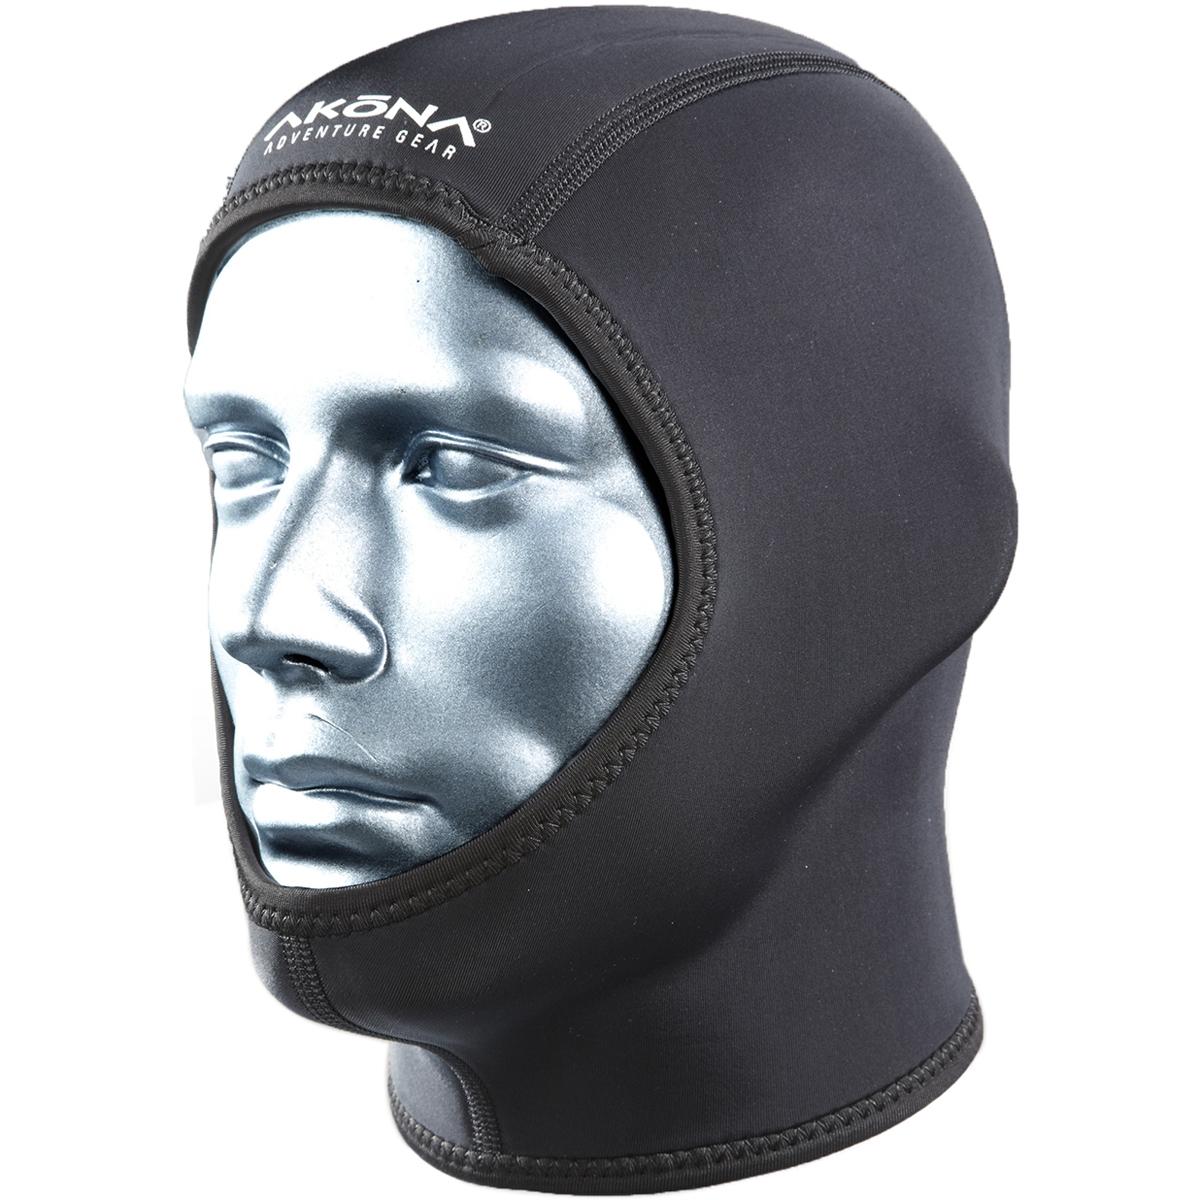 Akona 3mm Quantum Stretch Hood